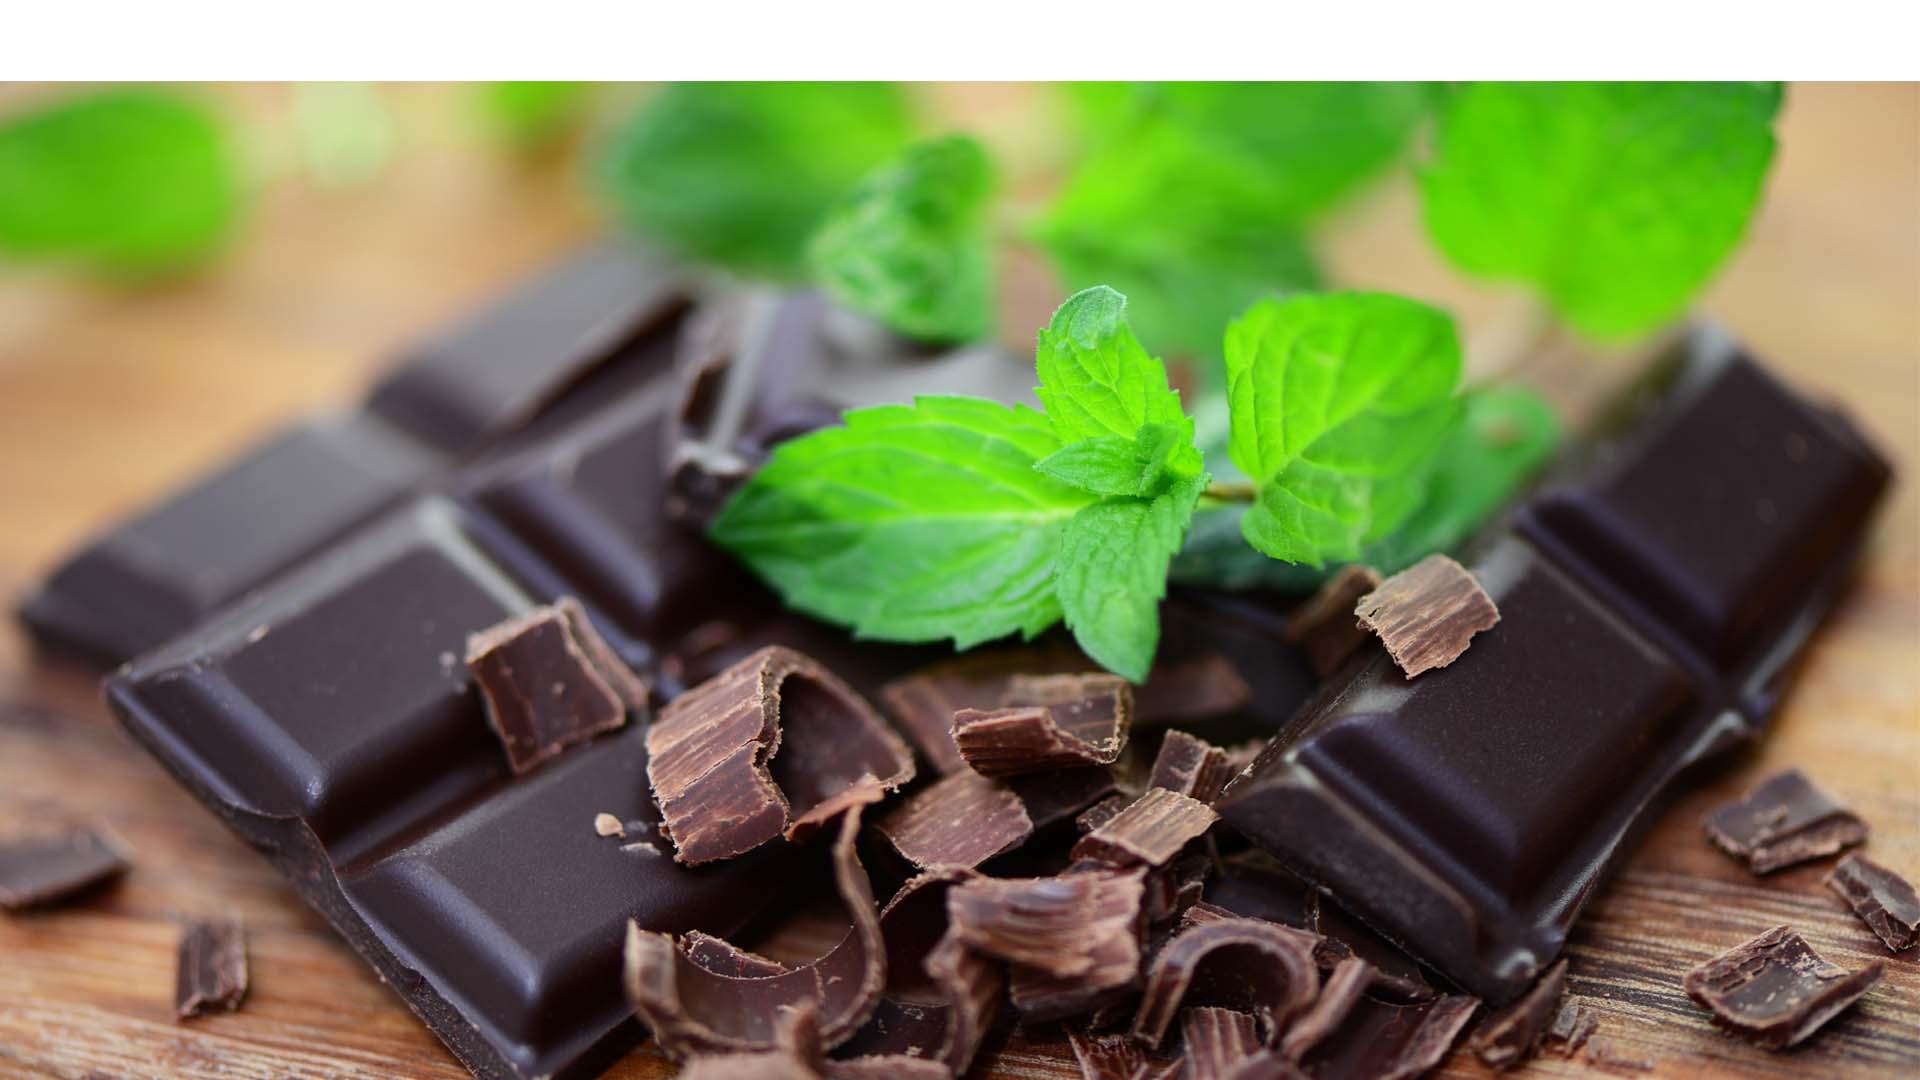 Nuevo estudio releva que para proteger tu salud es necesario consumir cacao cuando mínimo una vez a la semana